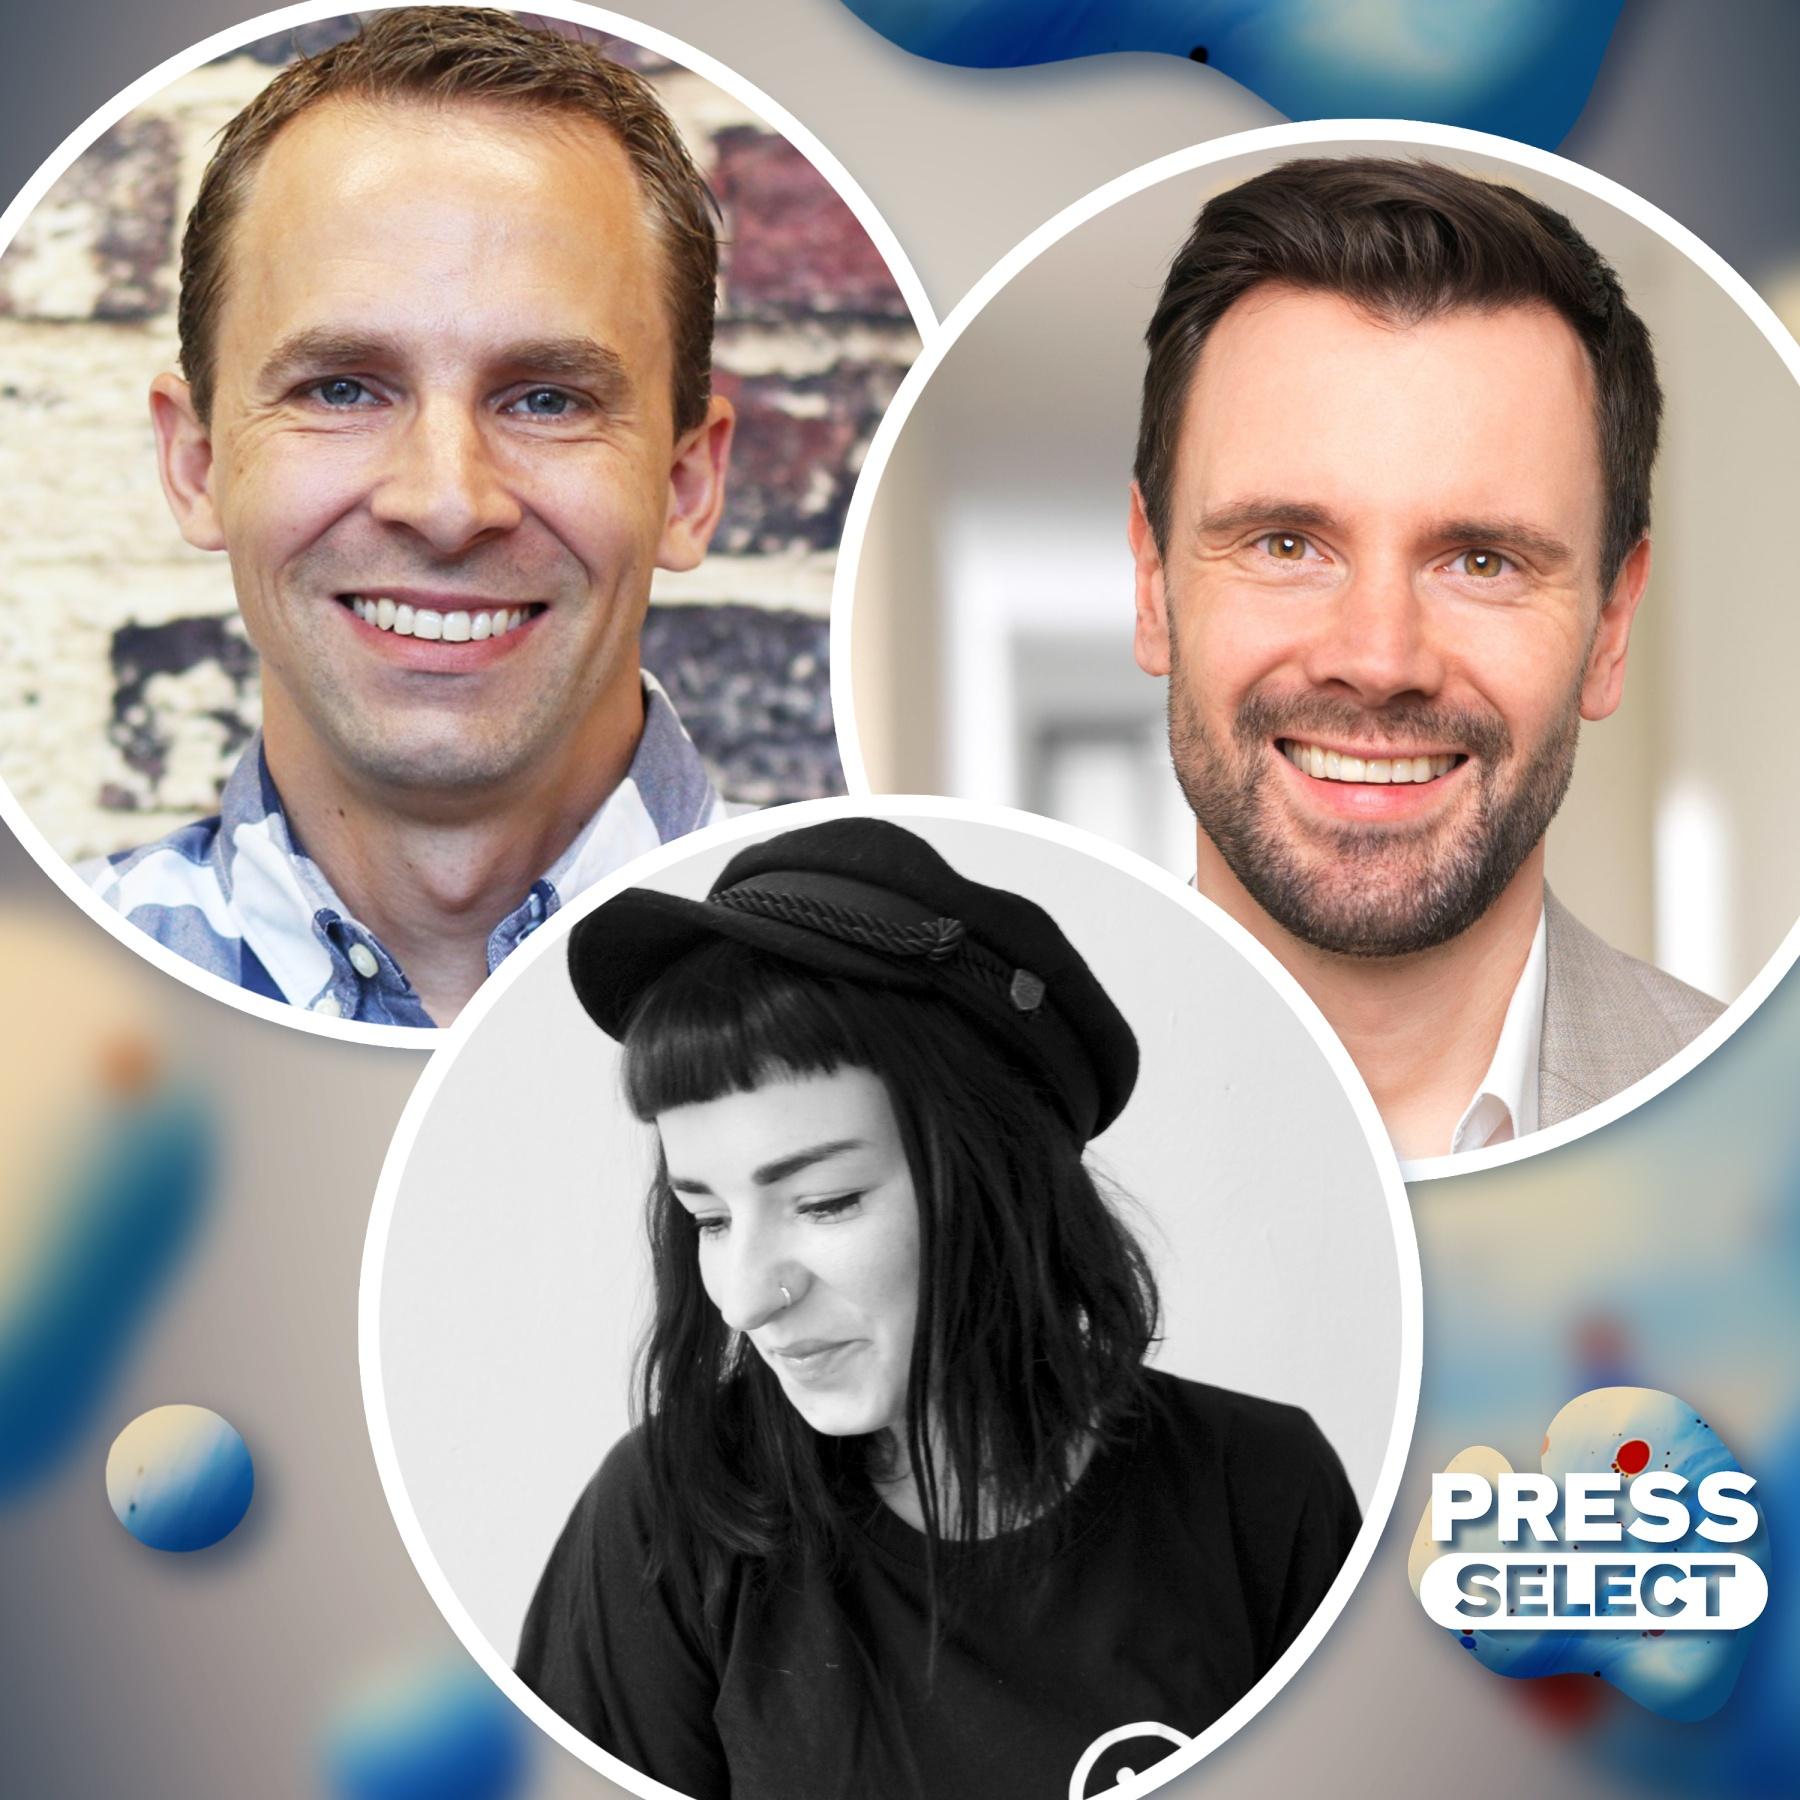 Deutsche Gamesbranche - so schlecht, wie ihr Ruf? | Press Select #2